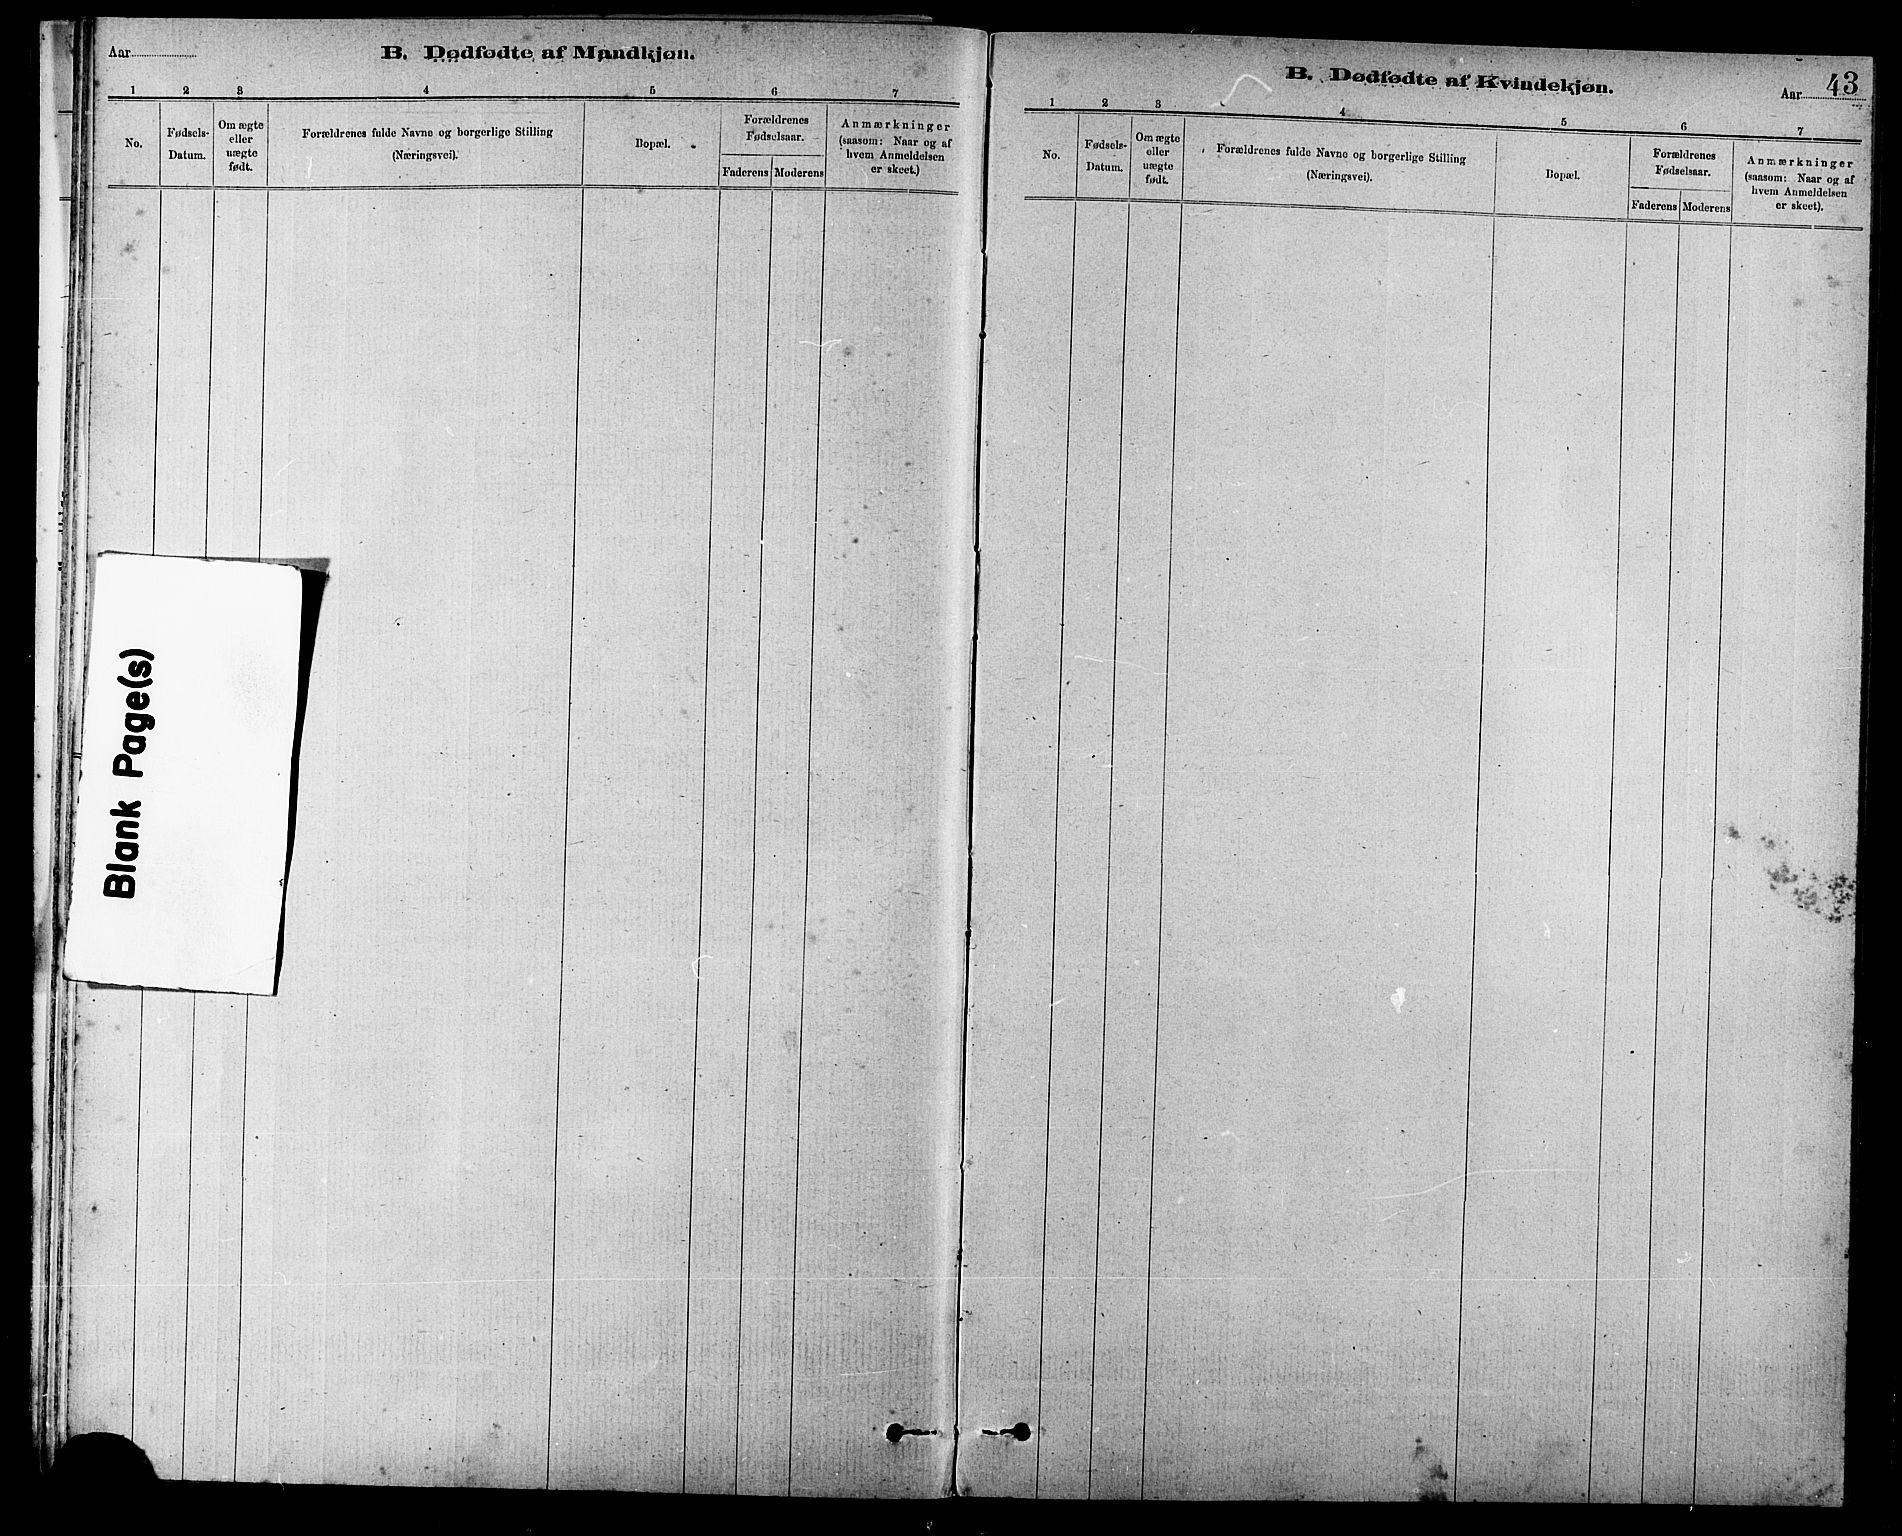 SAT, Ministerialprotokoller, klokkerbøker og fødselsregistre - Sør-Trøndelag, 666/L0790: Klokkerbok nr. 666C03, 1885-1908, s. 43